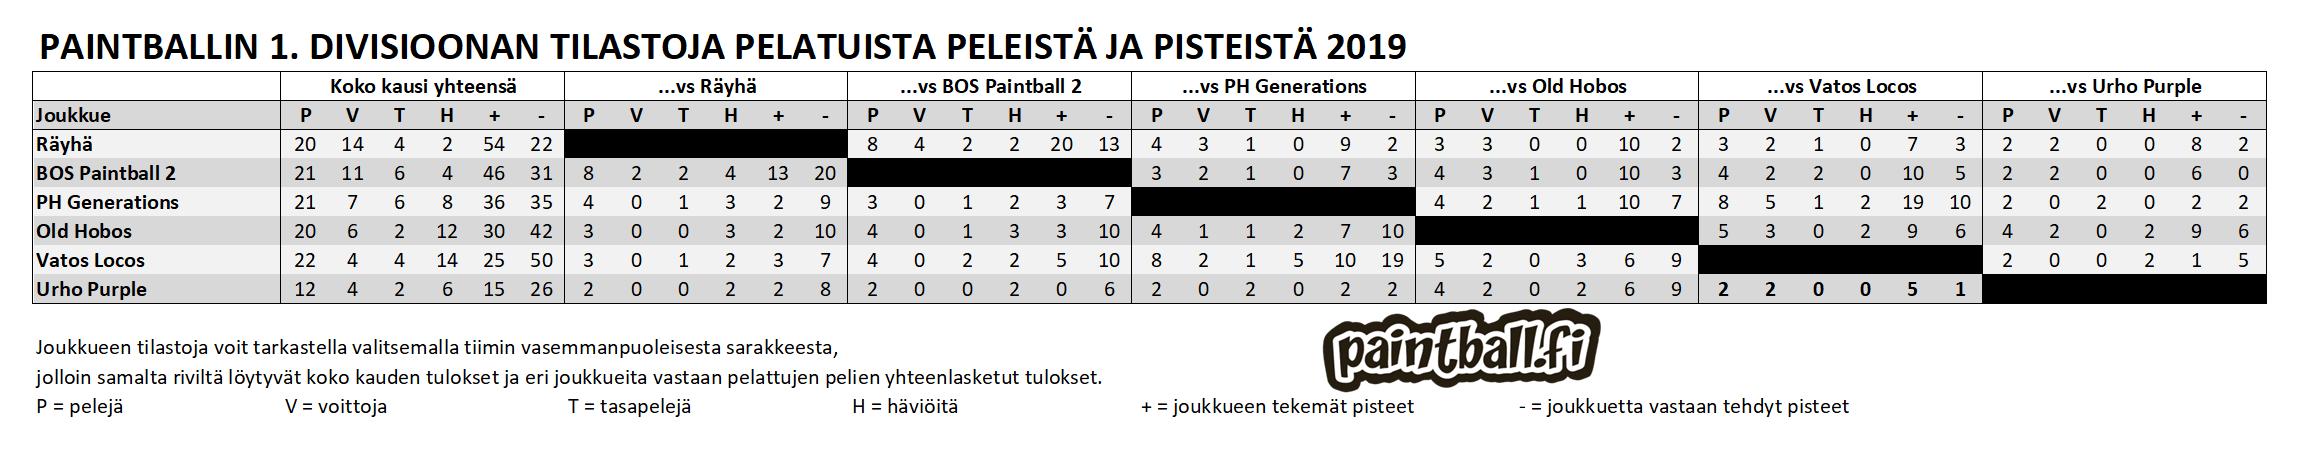 2019_1divisioona_tilastot.PNG